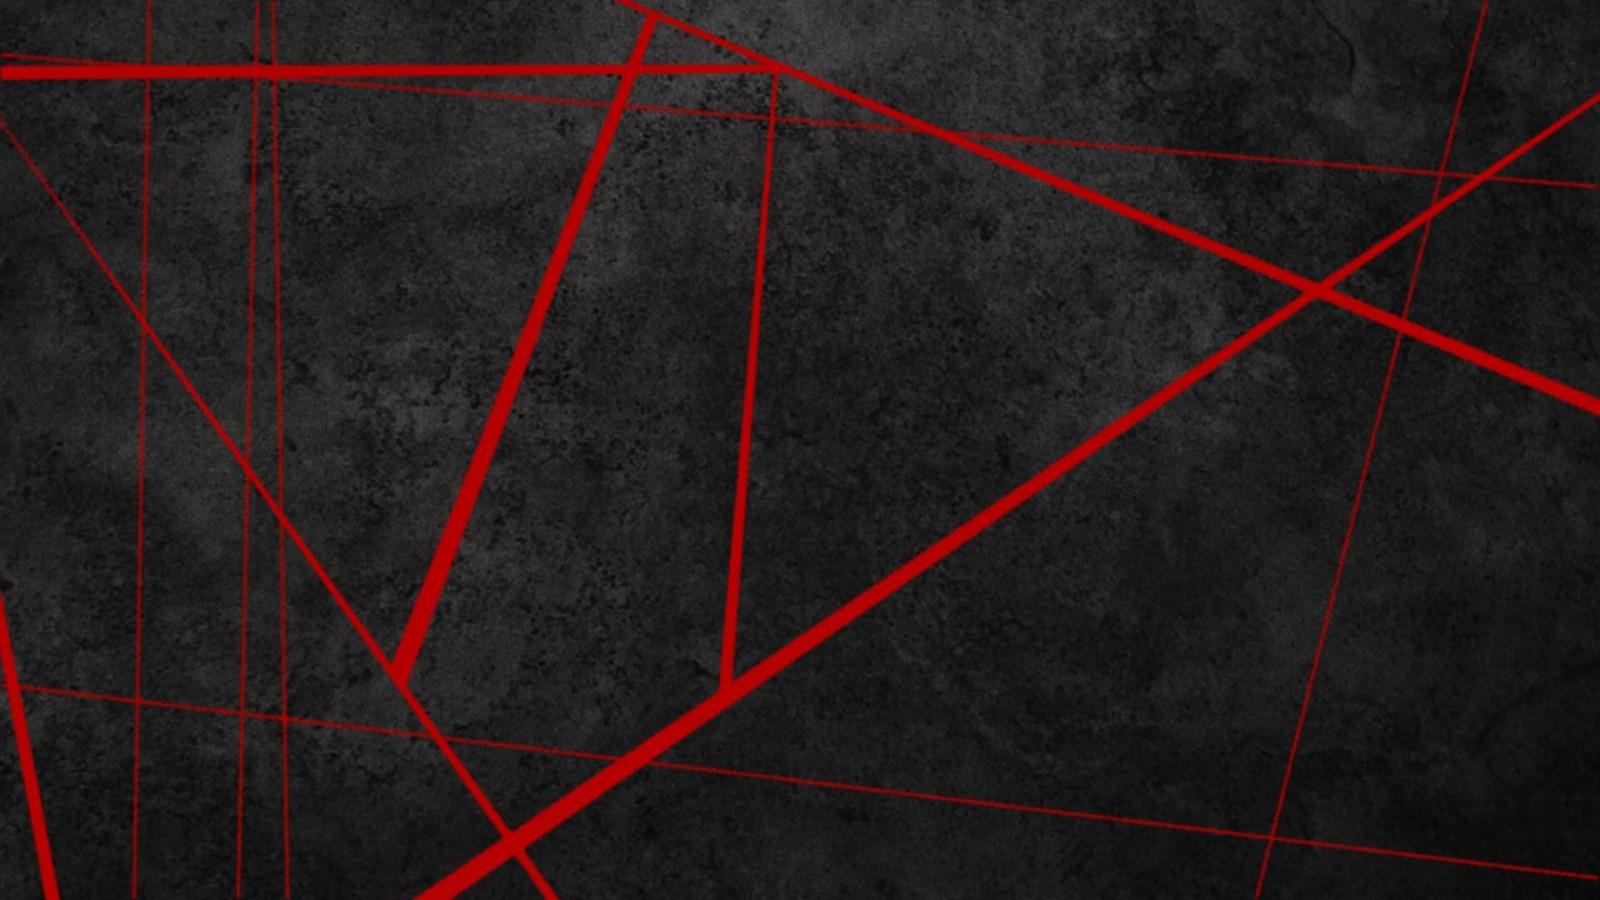 Wallpaper : black, anime, red, pattern, texture, circle, Kill la Kill, brand, tile, material ...